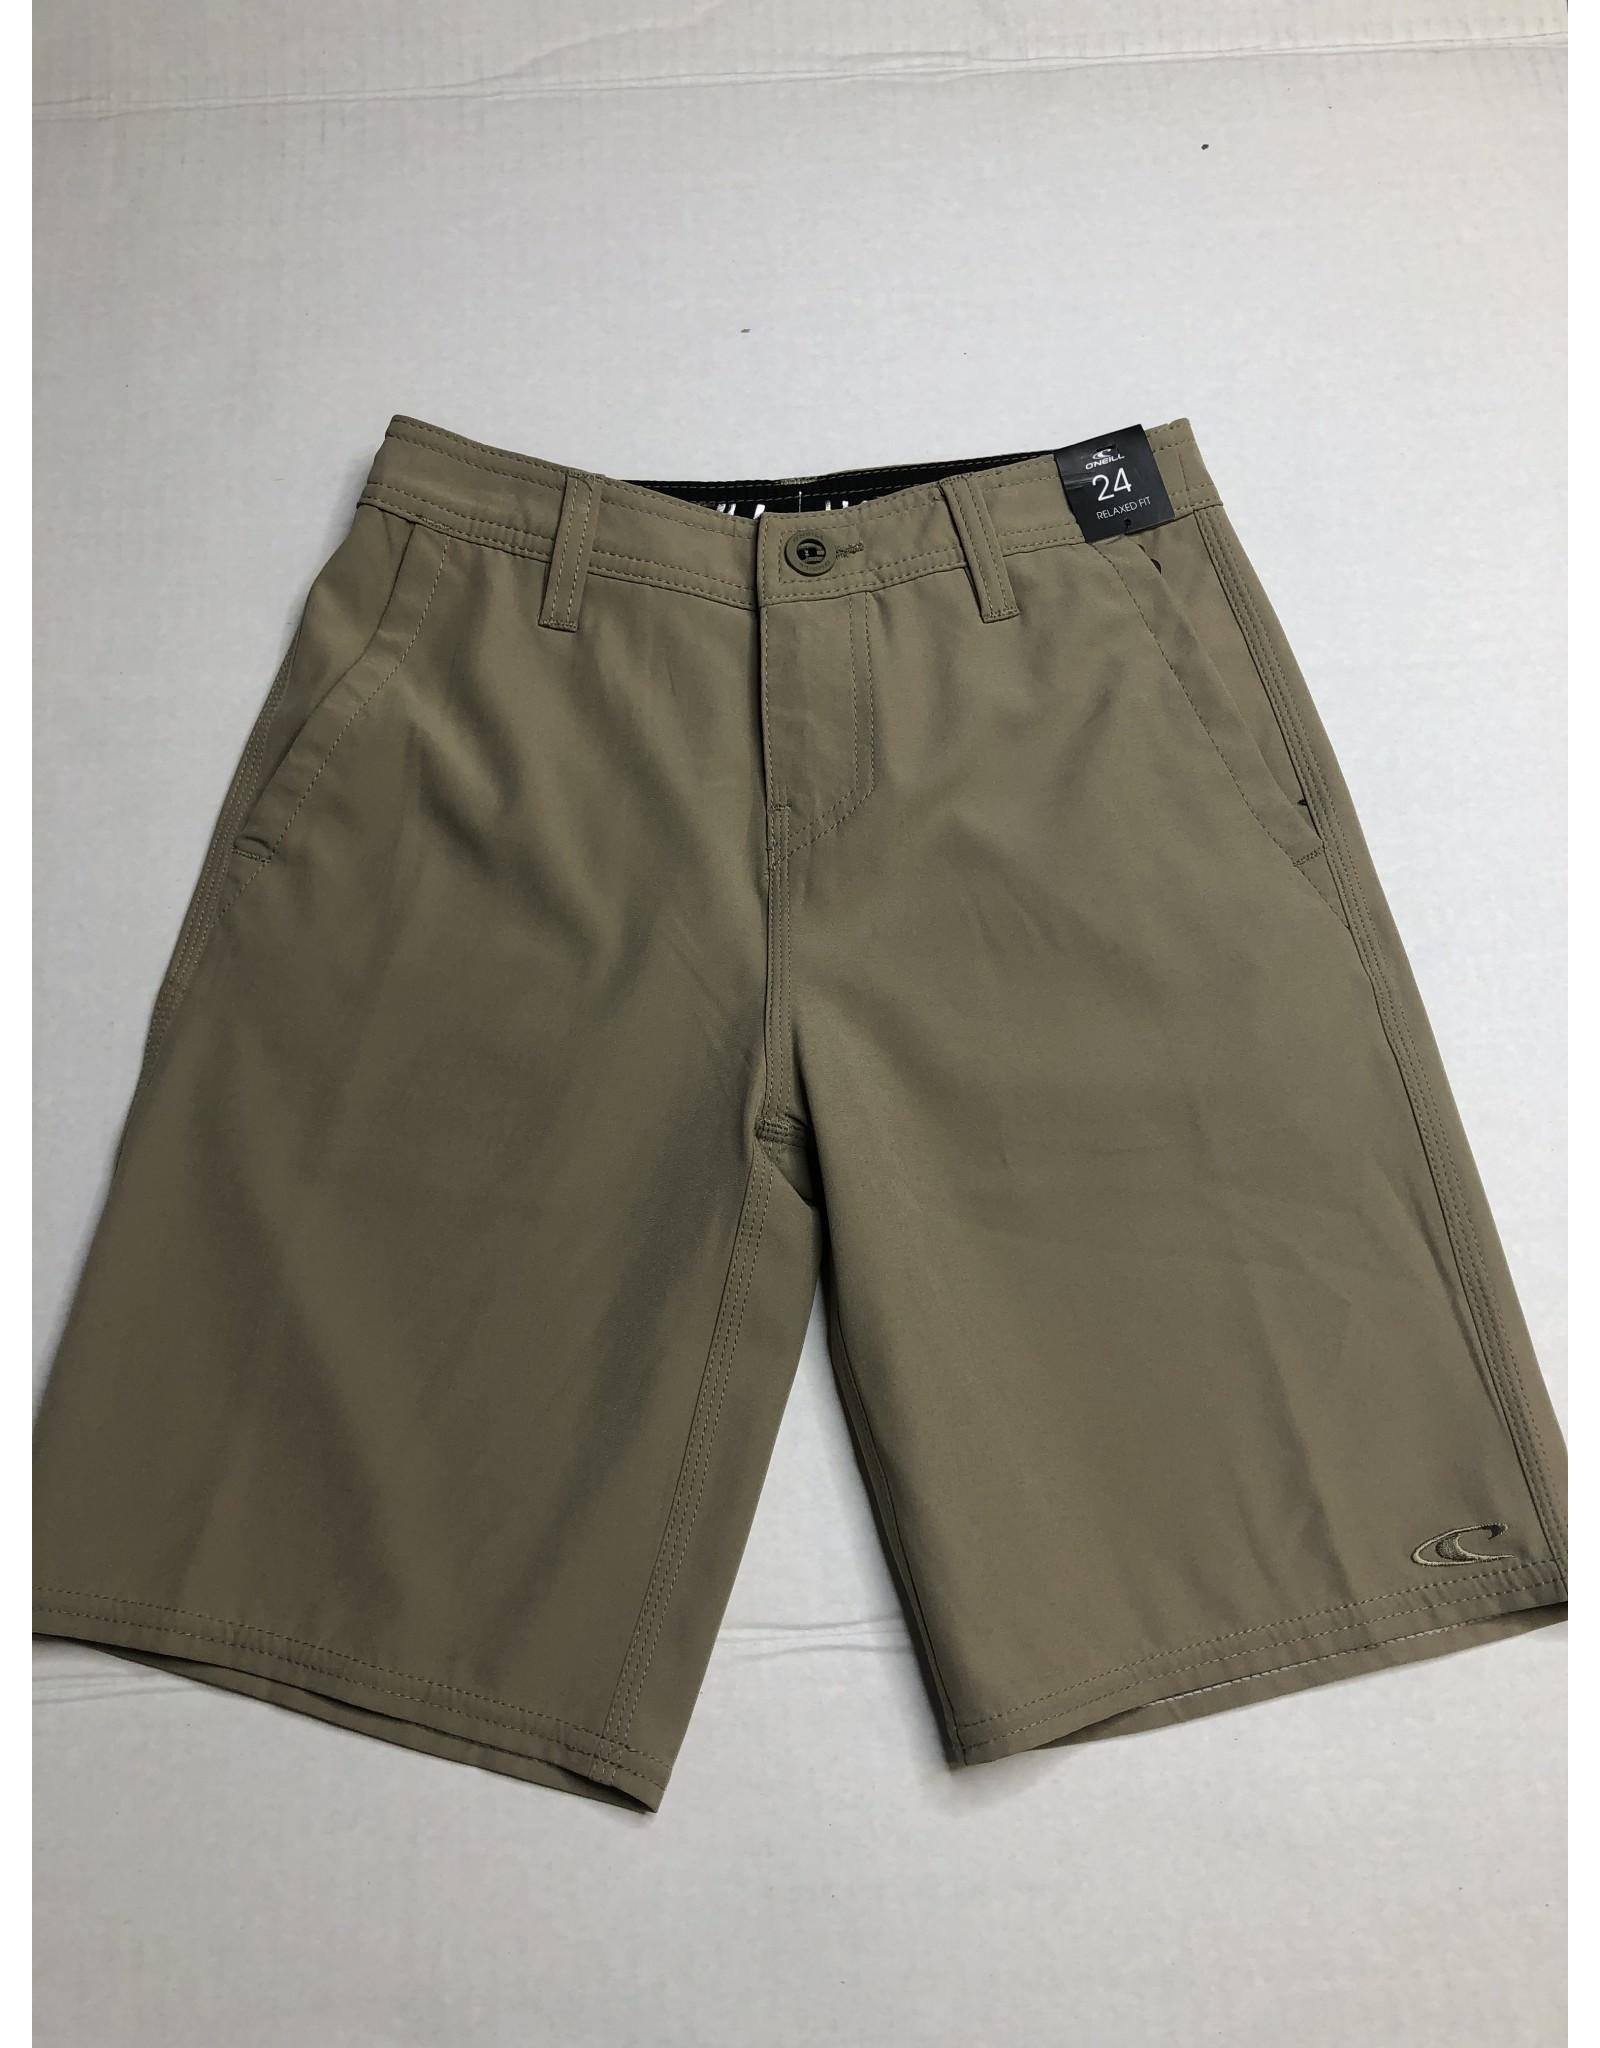 O'Neill Sportswear Loaded Solid Hybrid- KHA 26